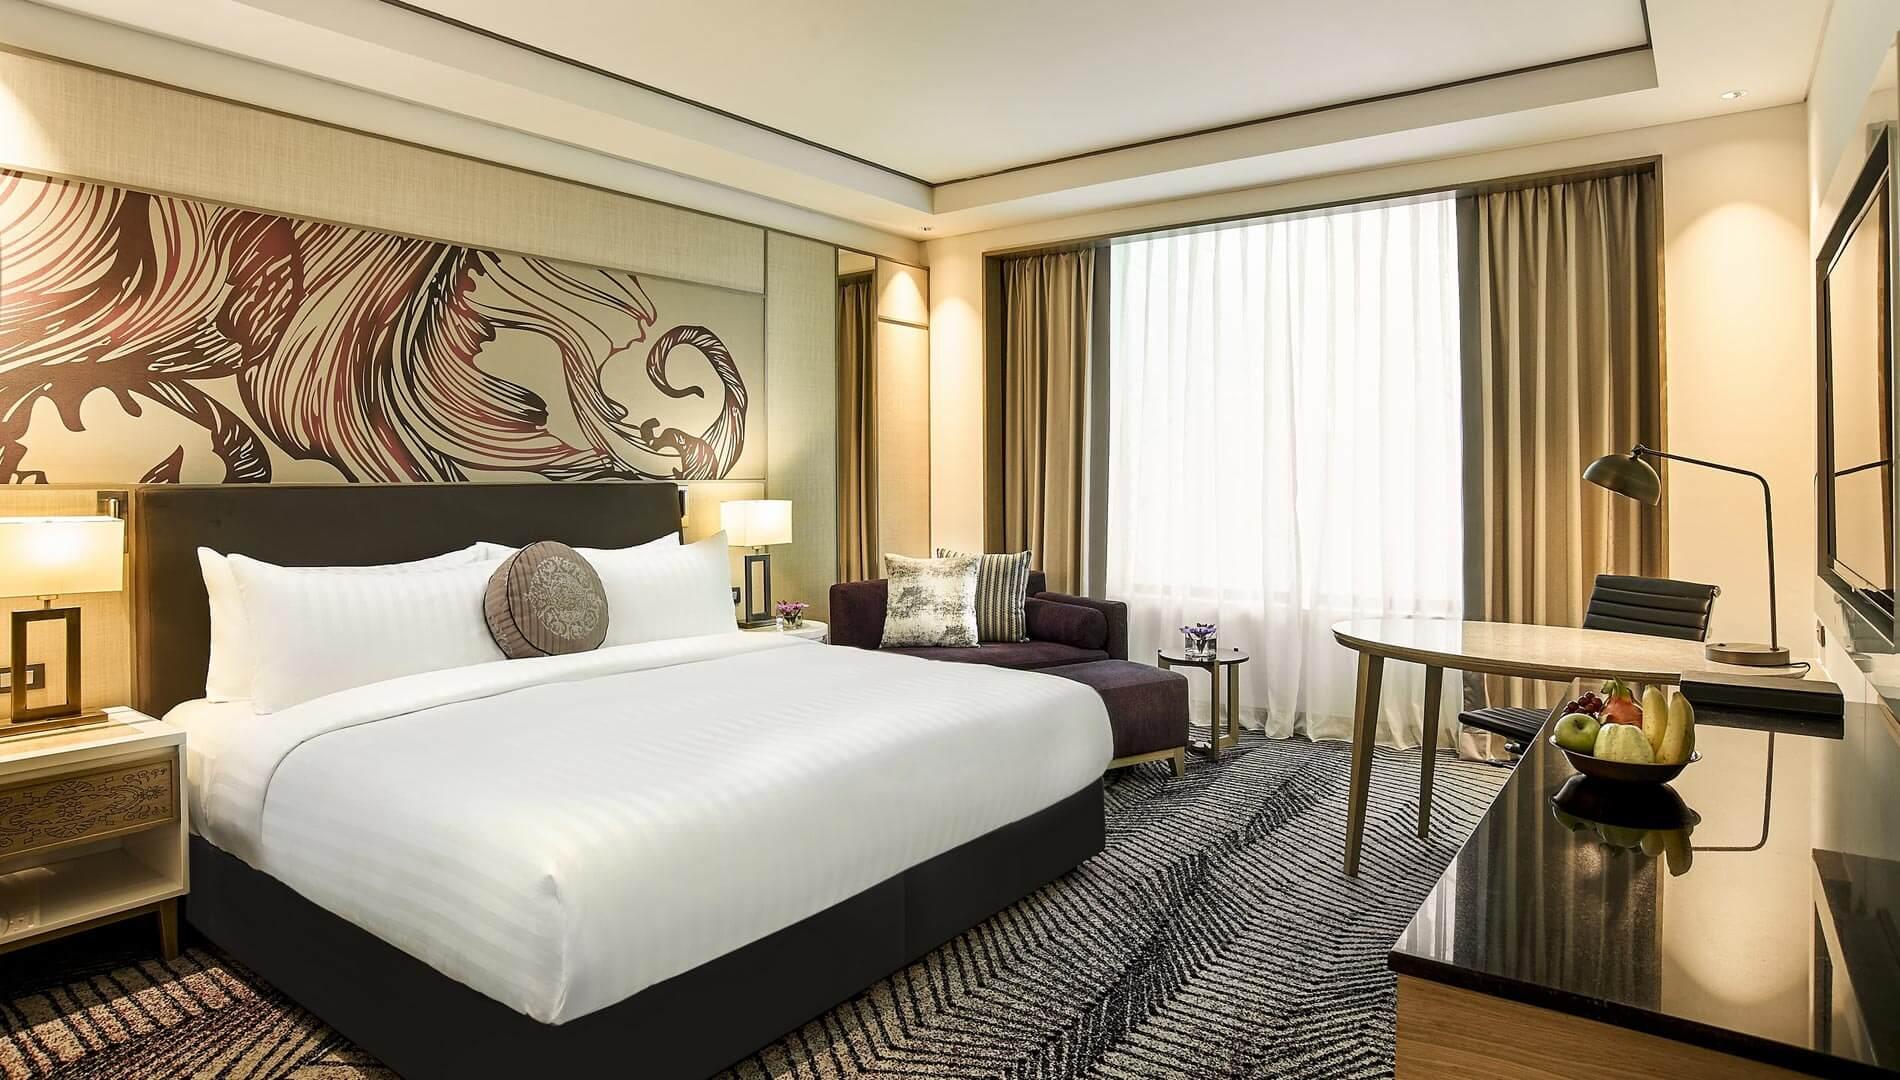 隆重介绍马来西亚第一家Amari阿玛瑞酒店——新山阿玛瑞酒店